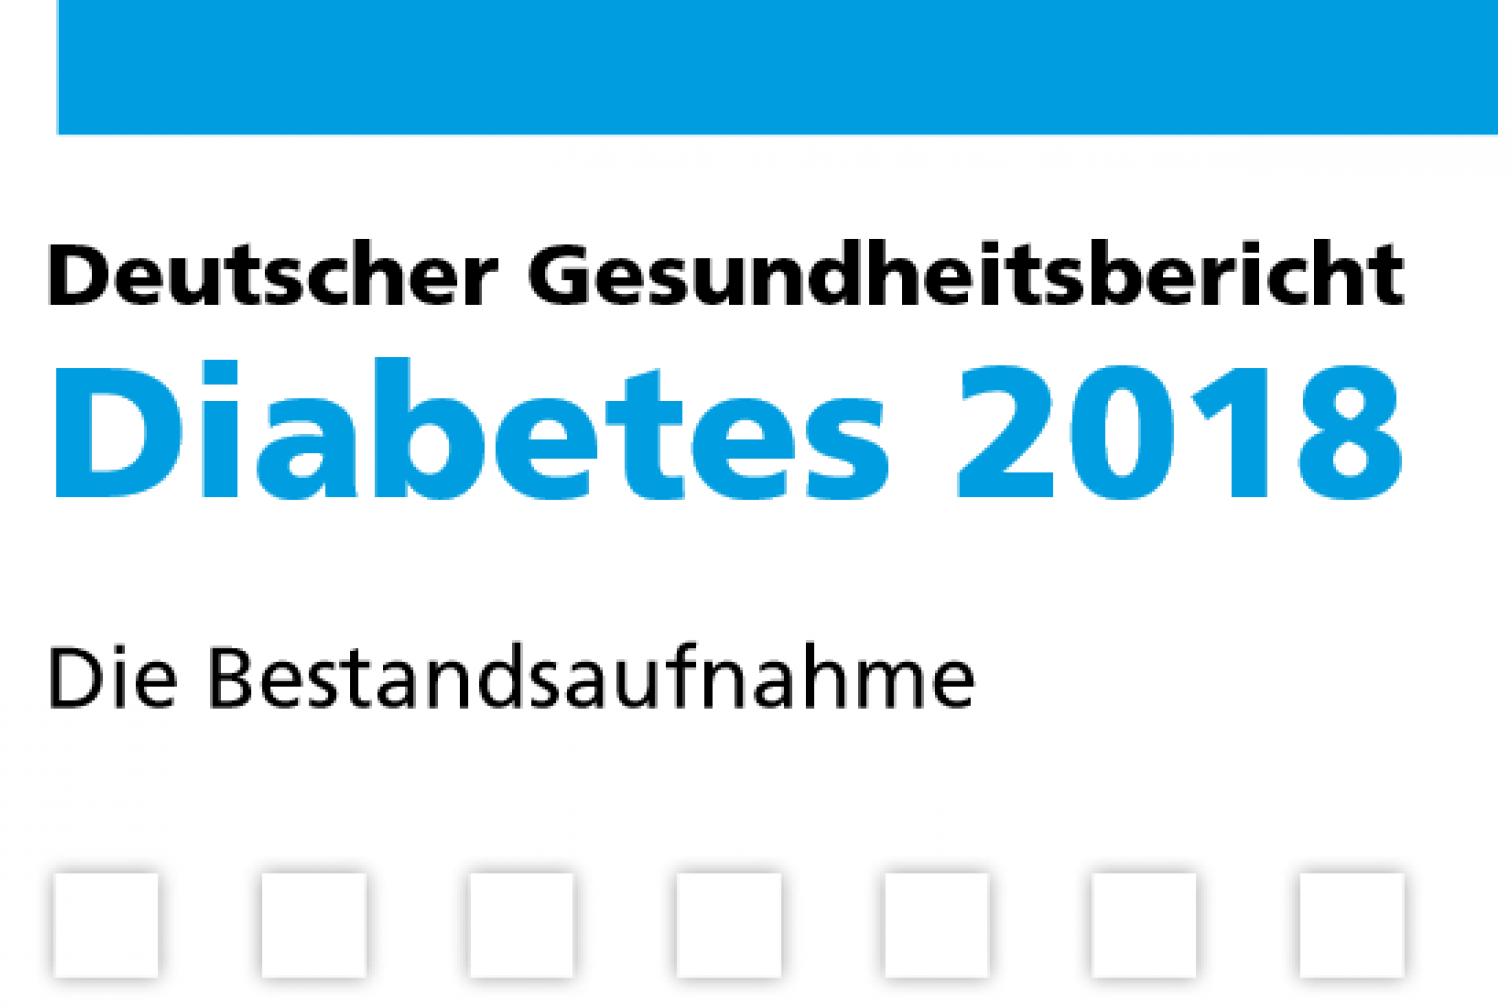 Gesundheitsbericht 2018